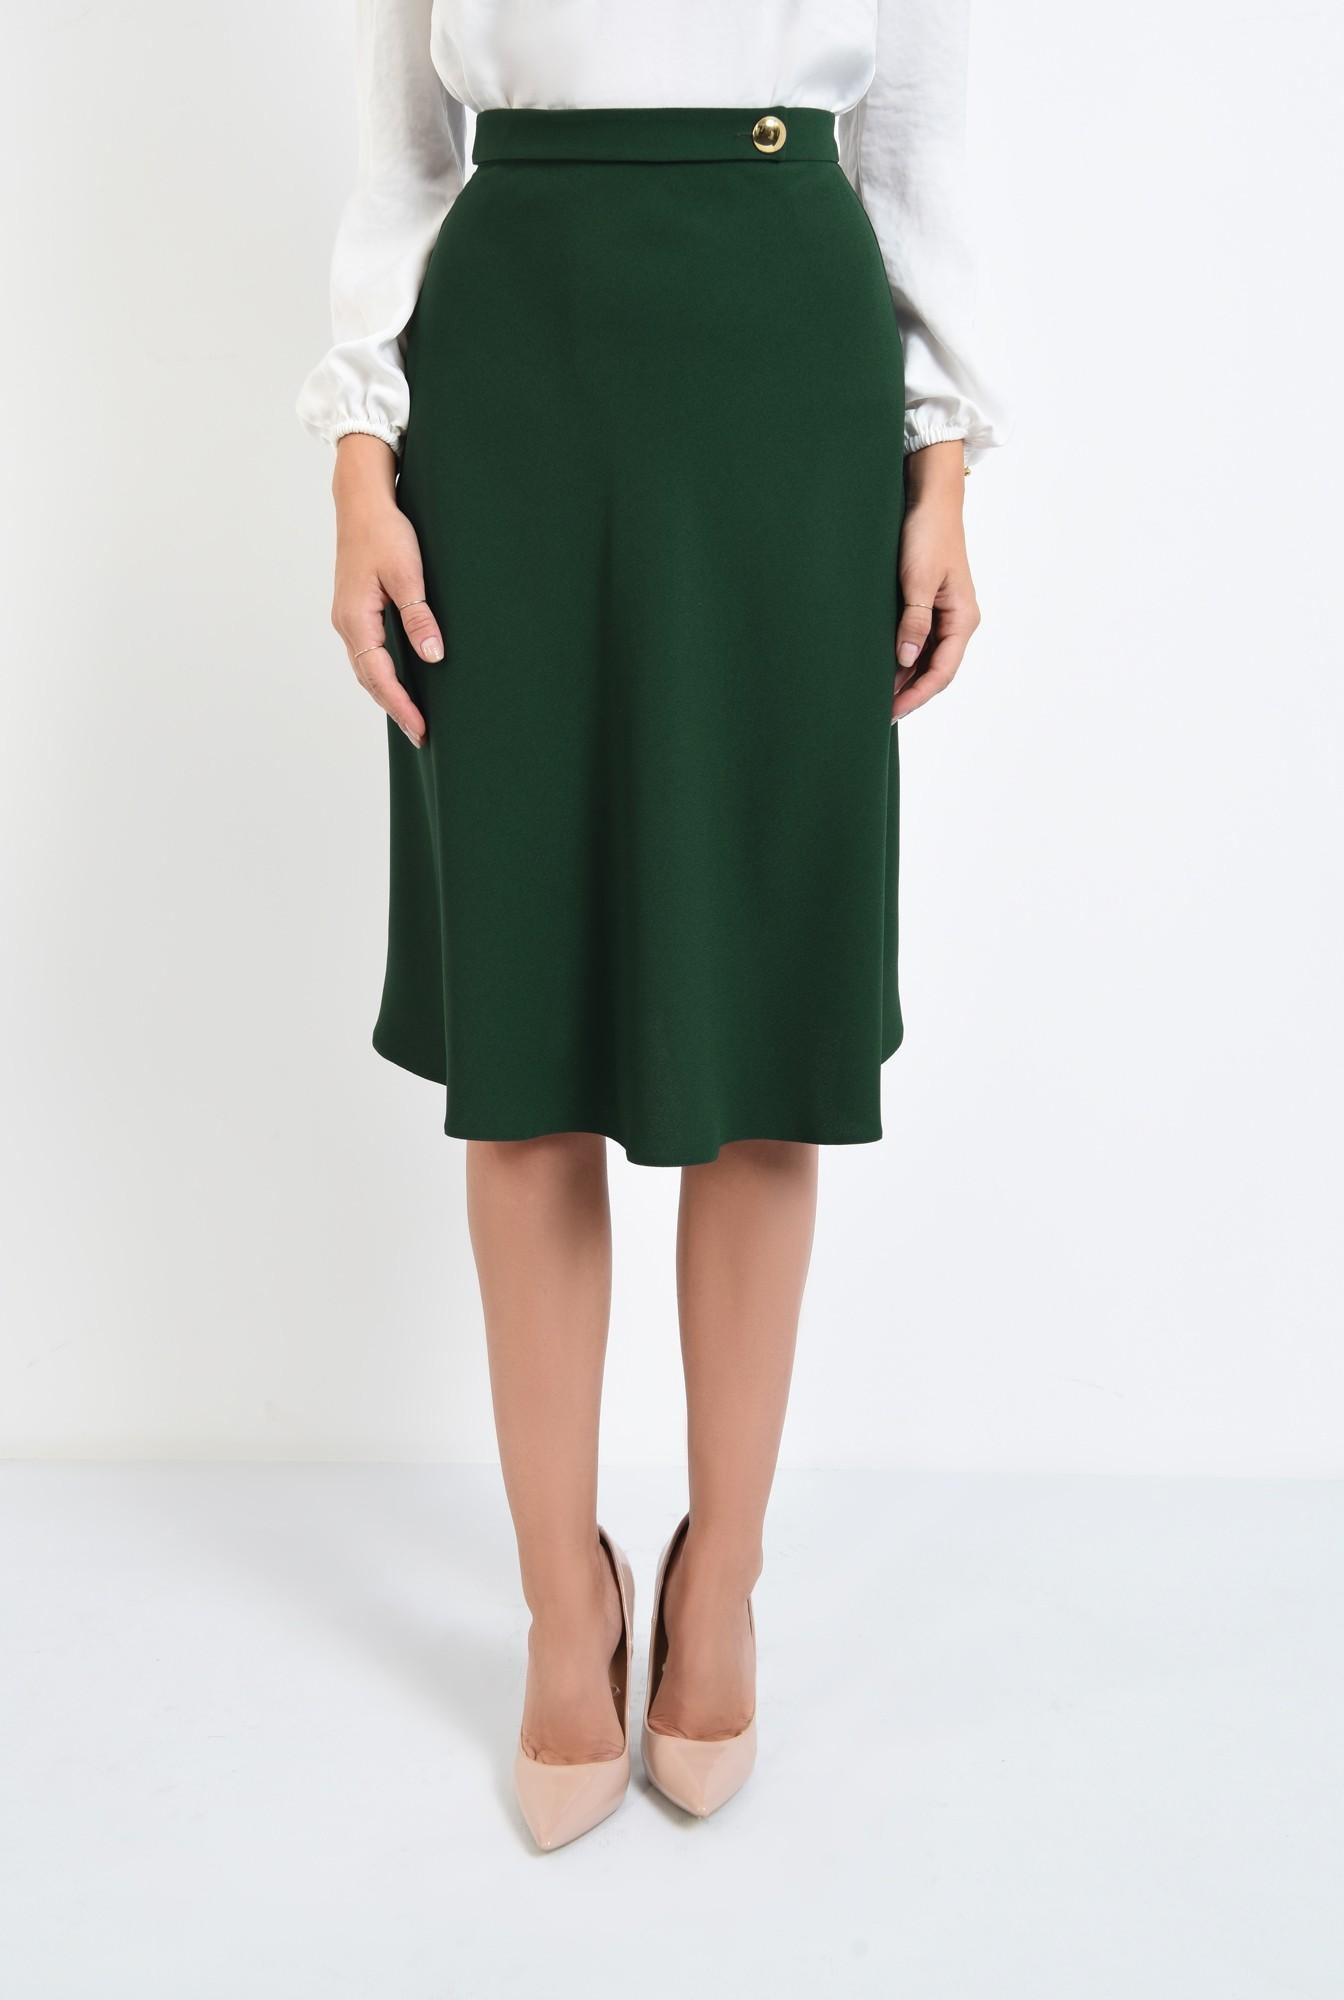 2 - fusta casual, evazata, verde, talie inalta